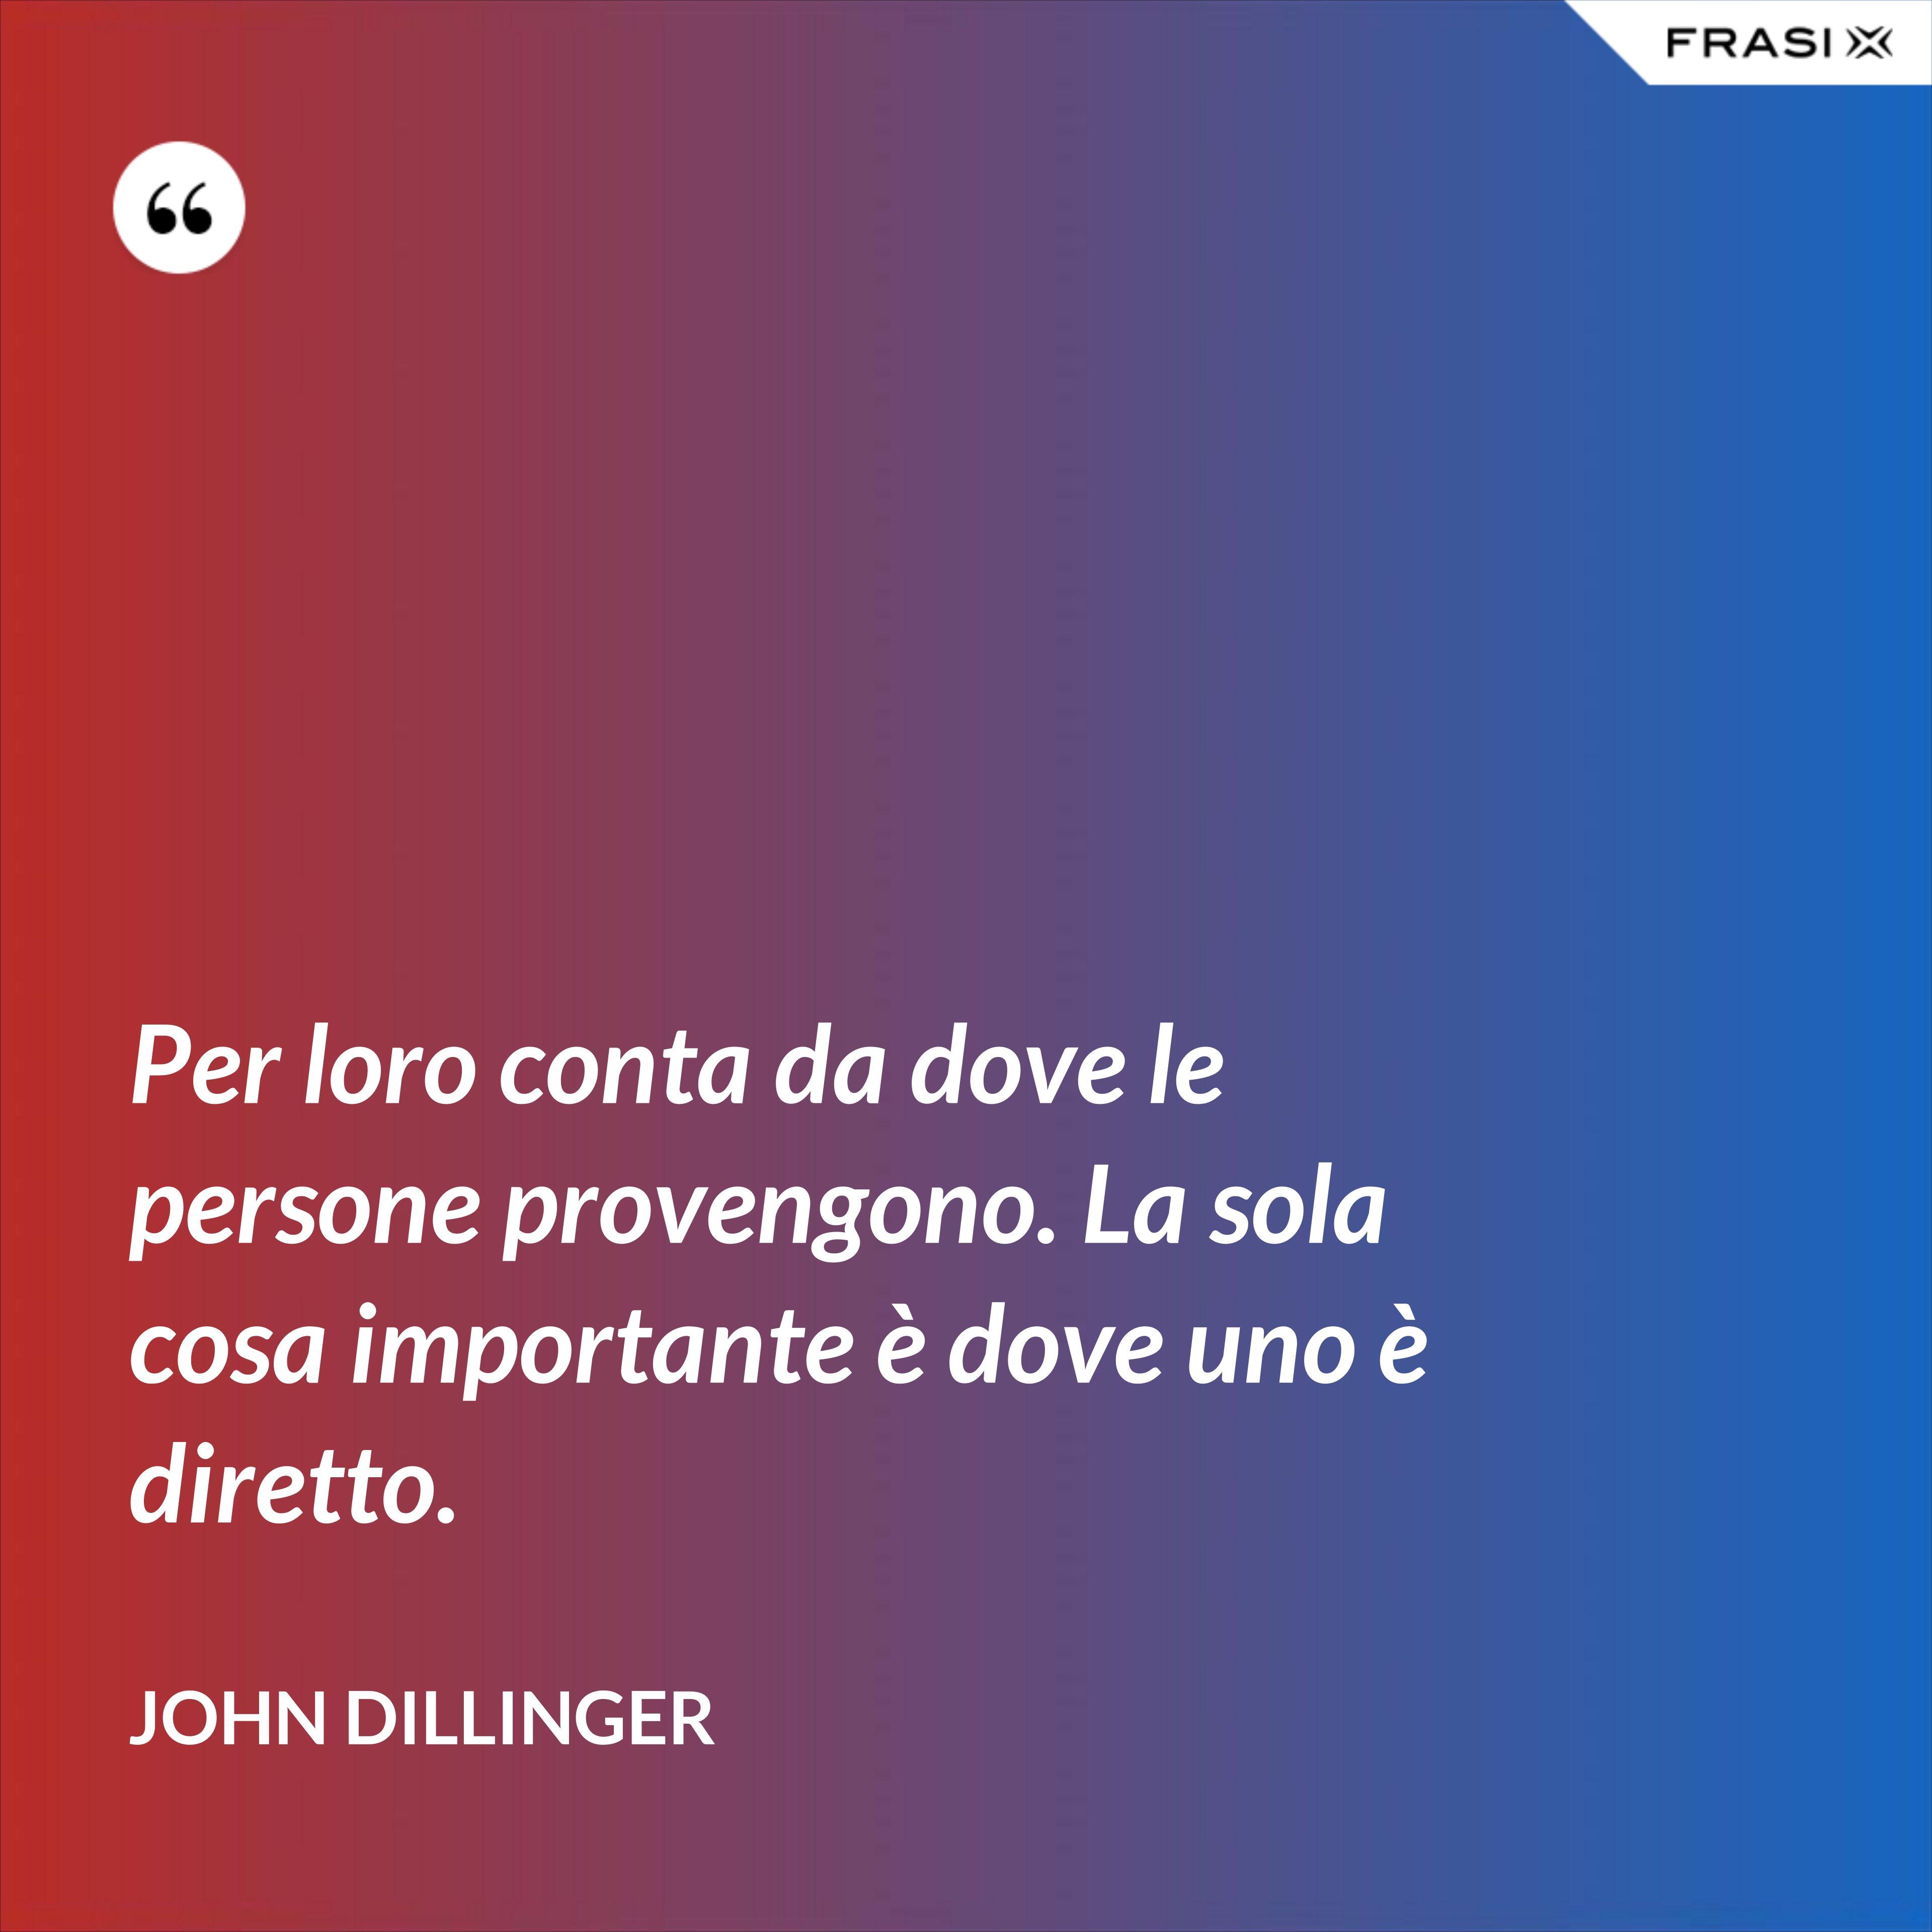 Per loro conta da dove le persone provengono. La sola cosa importante è dove uno è diretto. - John Dillinger